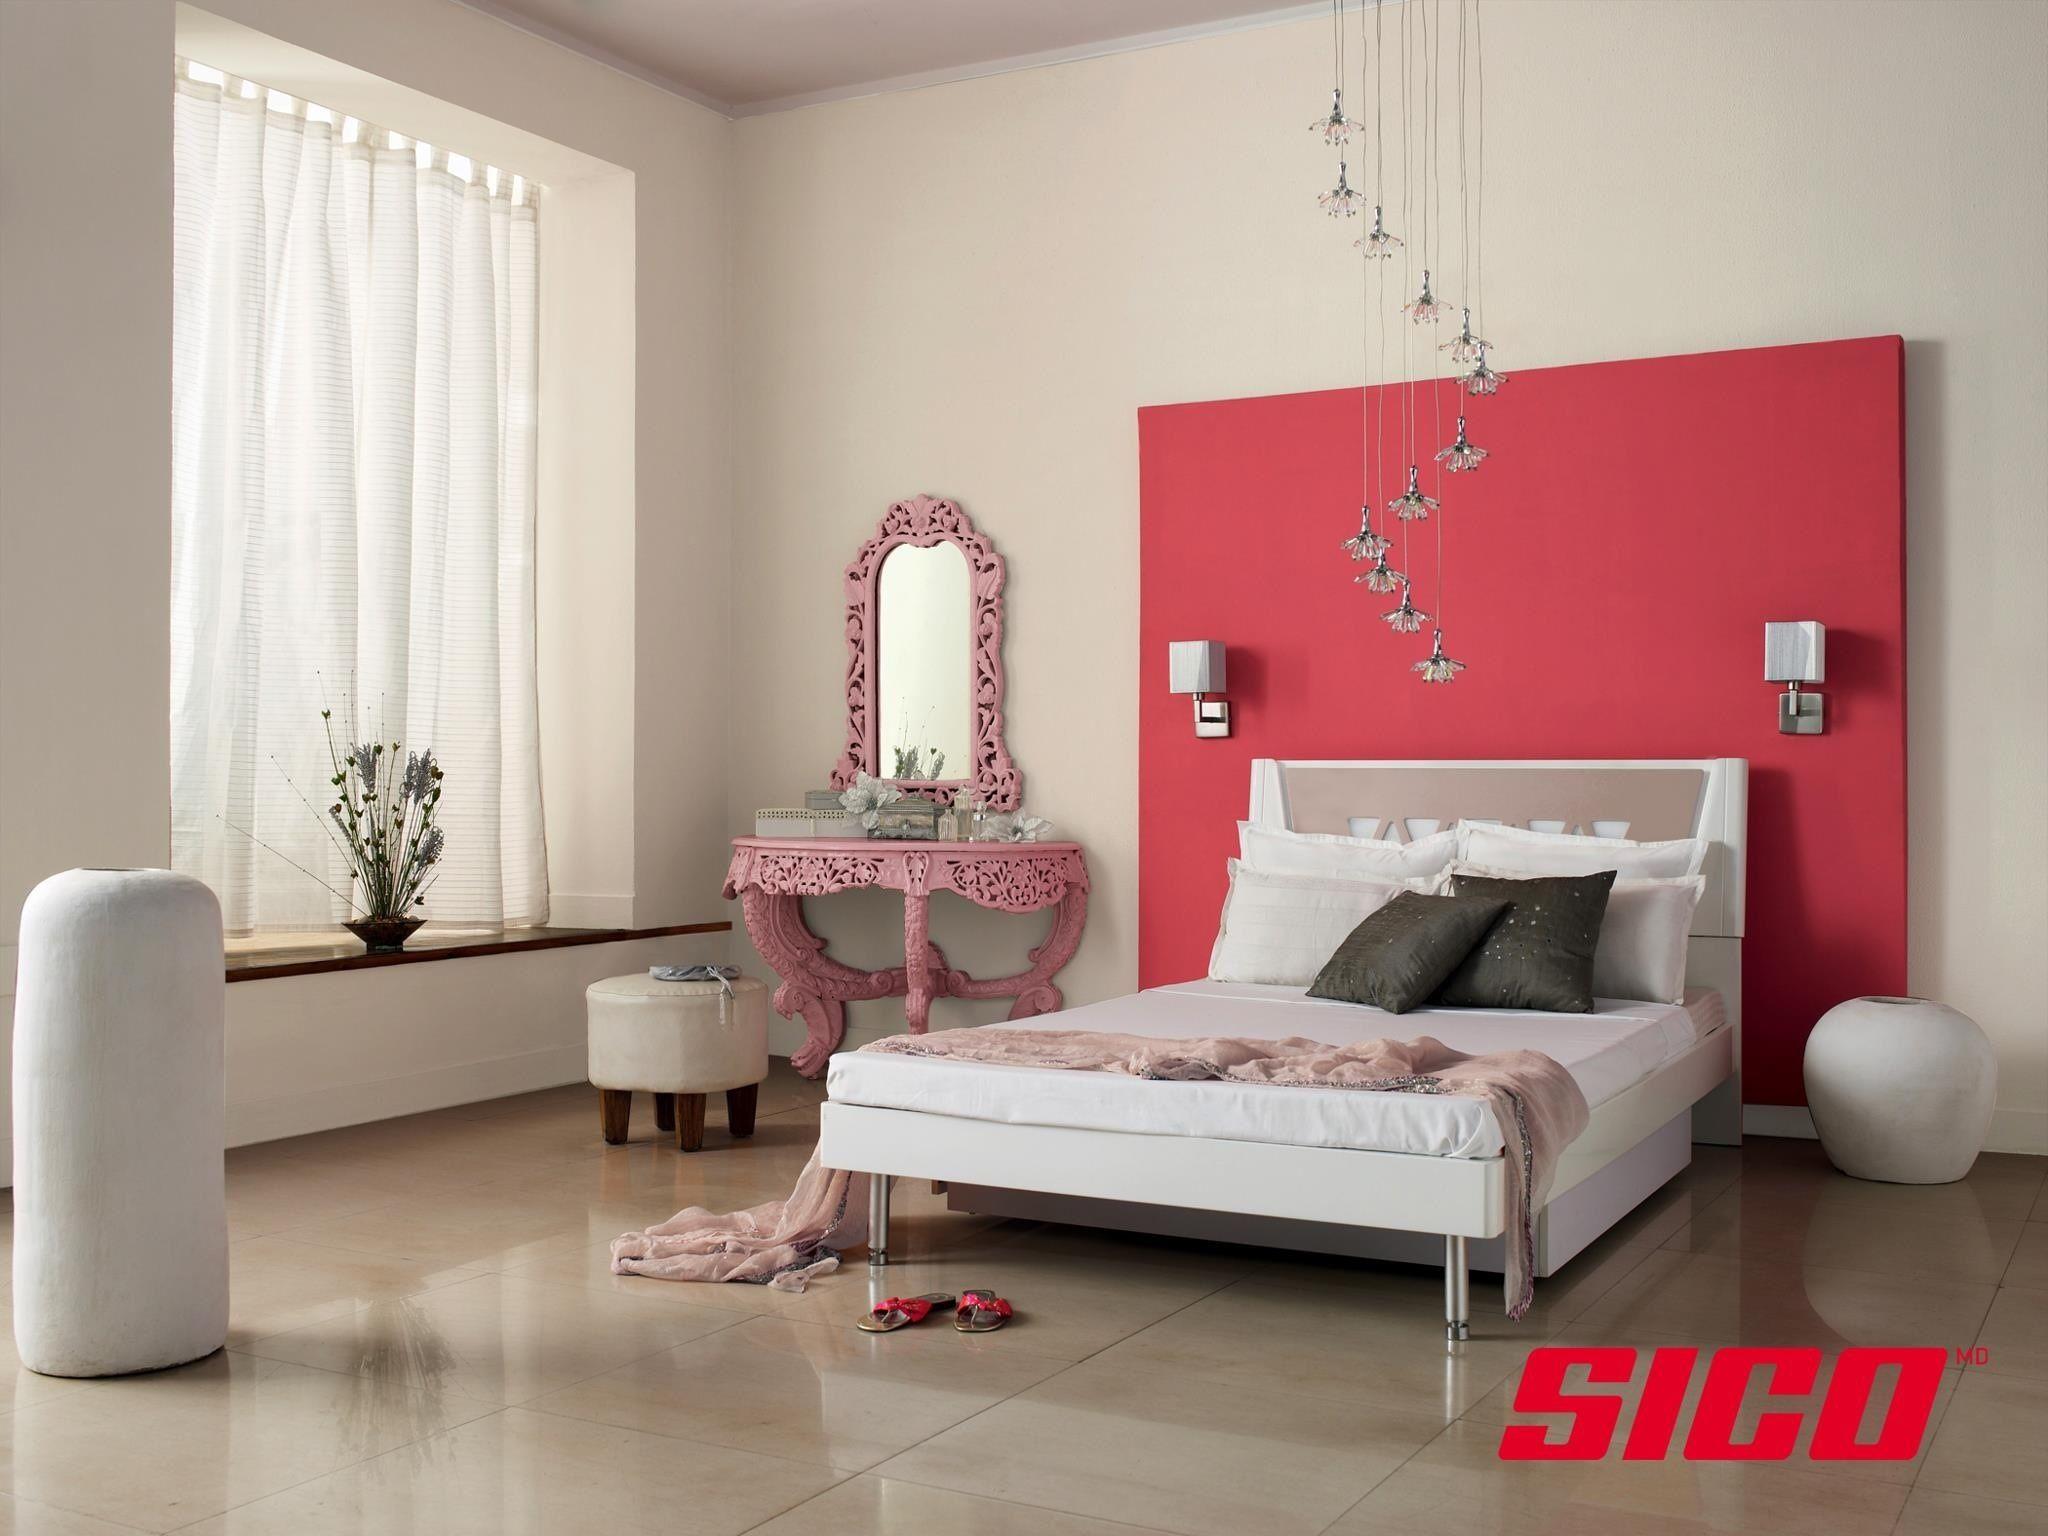 chambre d coration maison pinterest. Black Bedroom Furniture Sets. Home Design Ideas